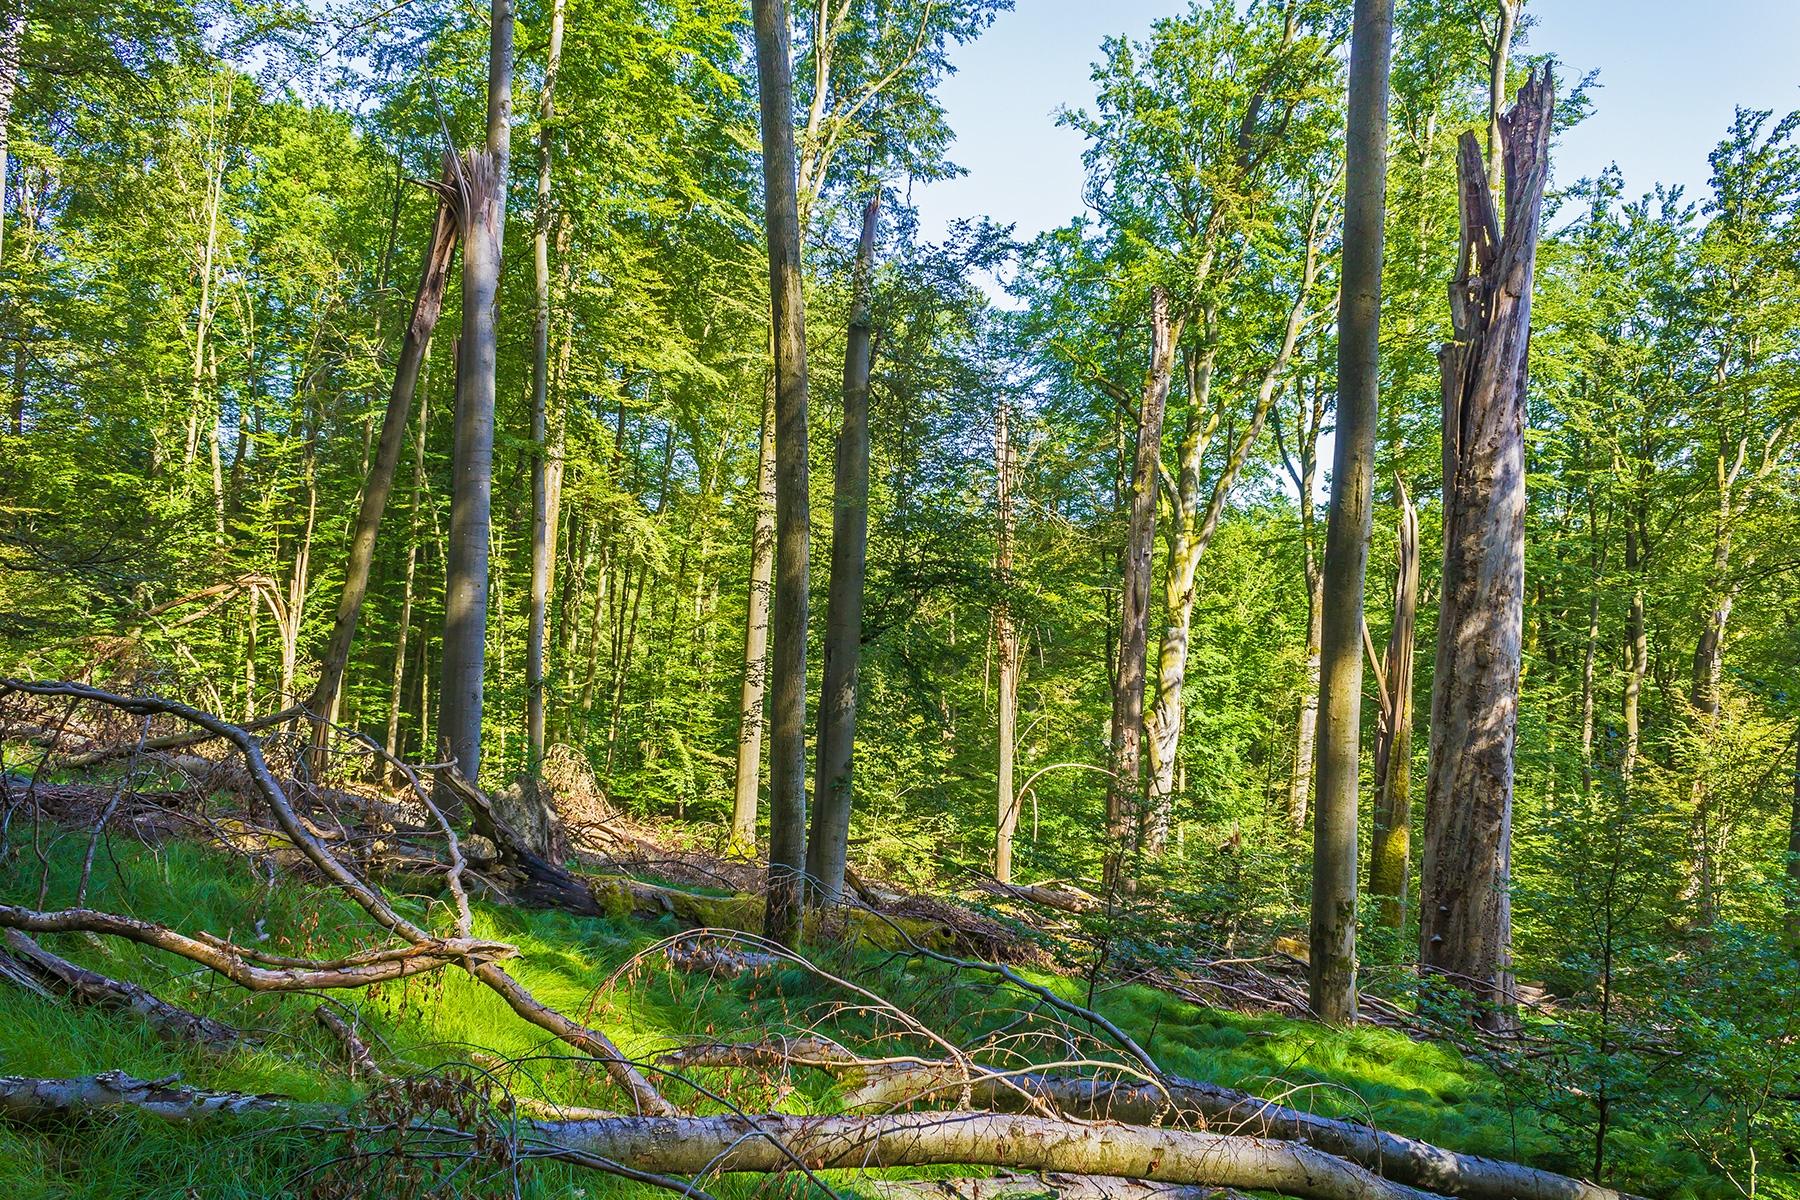 Naturwaldreservat Brunnstube